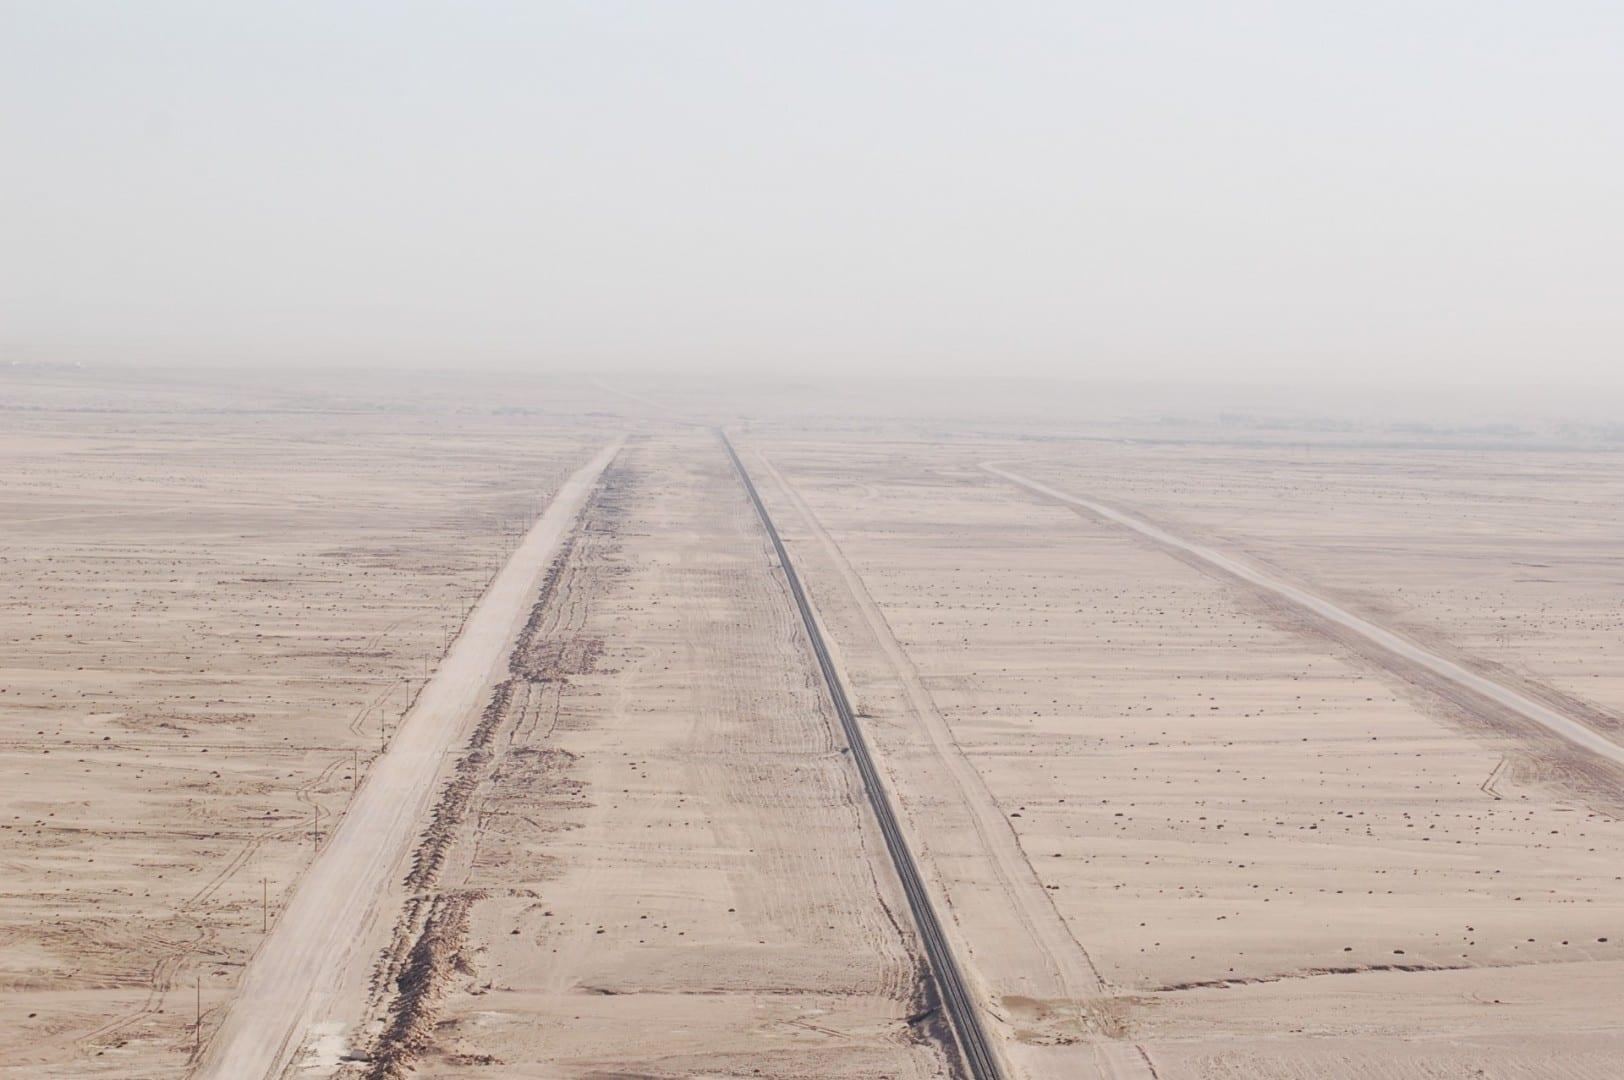 El desierto visto desde un globo aerostático Swakopmund Namibia